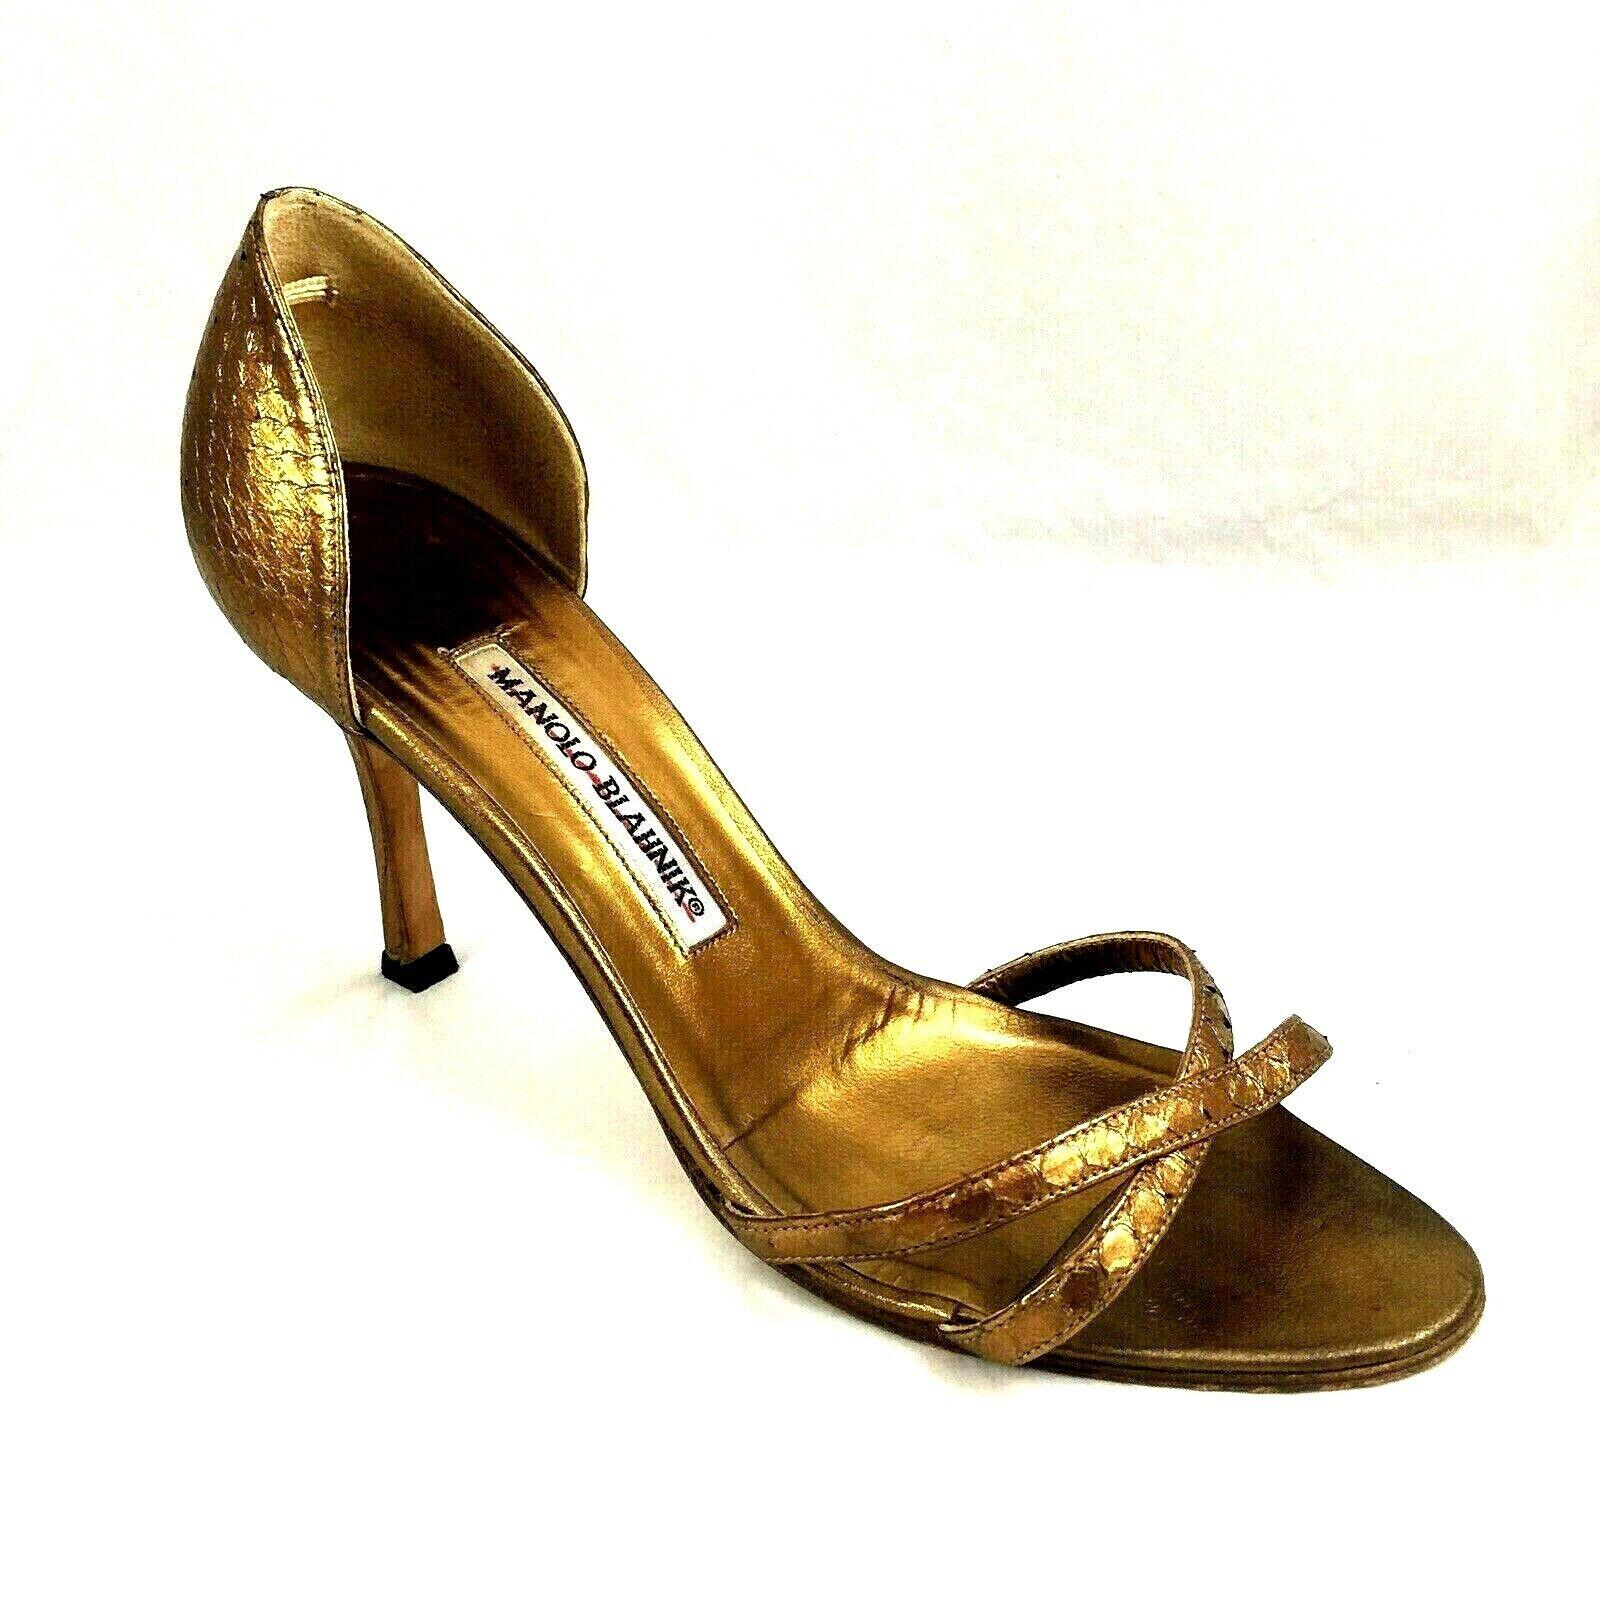 Manolo Blahnik DYNA Sandal Criss Cross Strappy Open Toe Snake Bronze oro Leathe